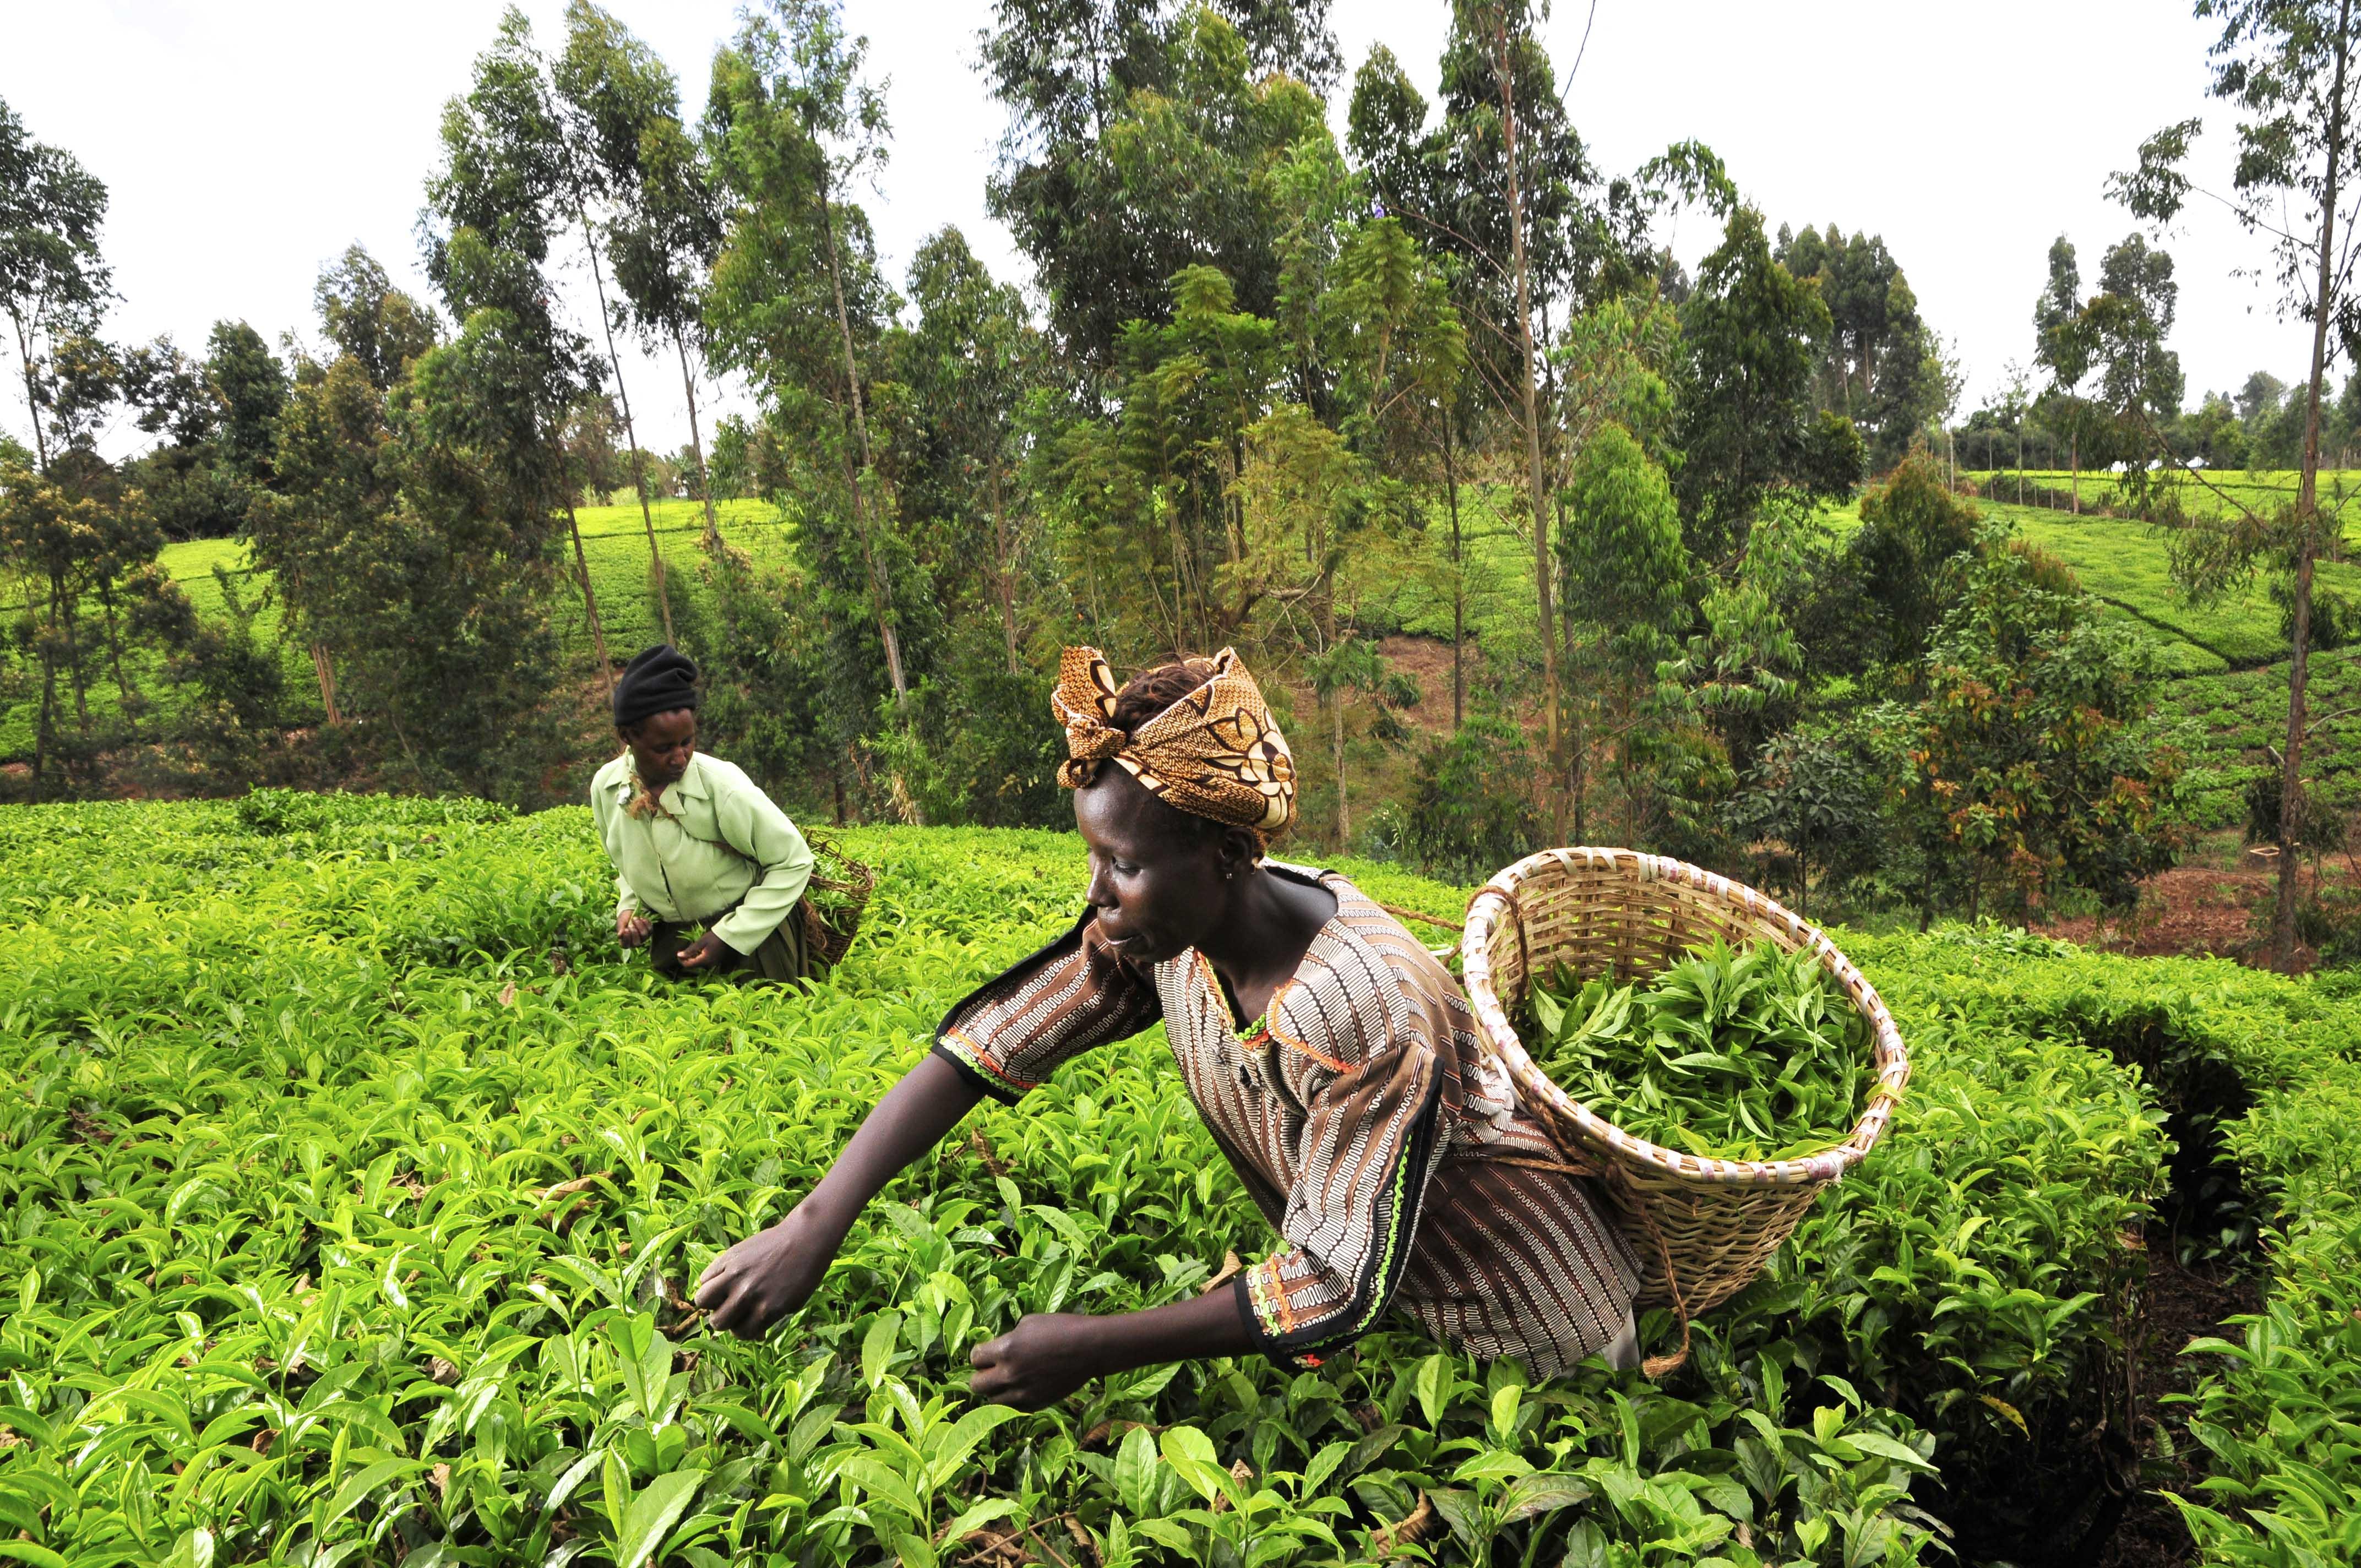 """Résultat de recherche d'images pour """"south africa, agriculture, innovations, industries, south african agriculture"""""""